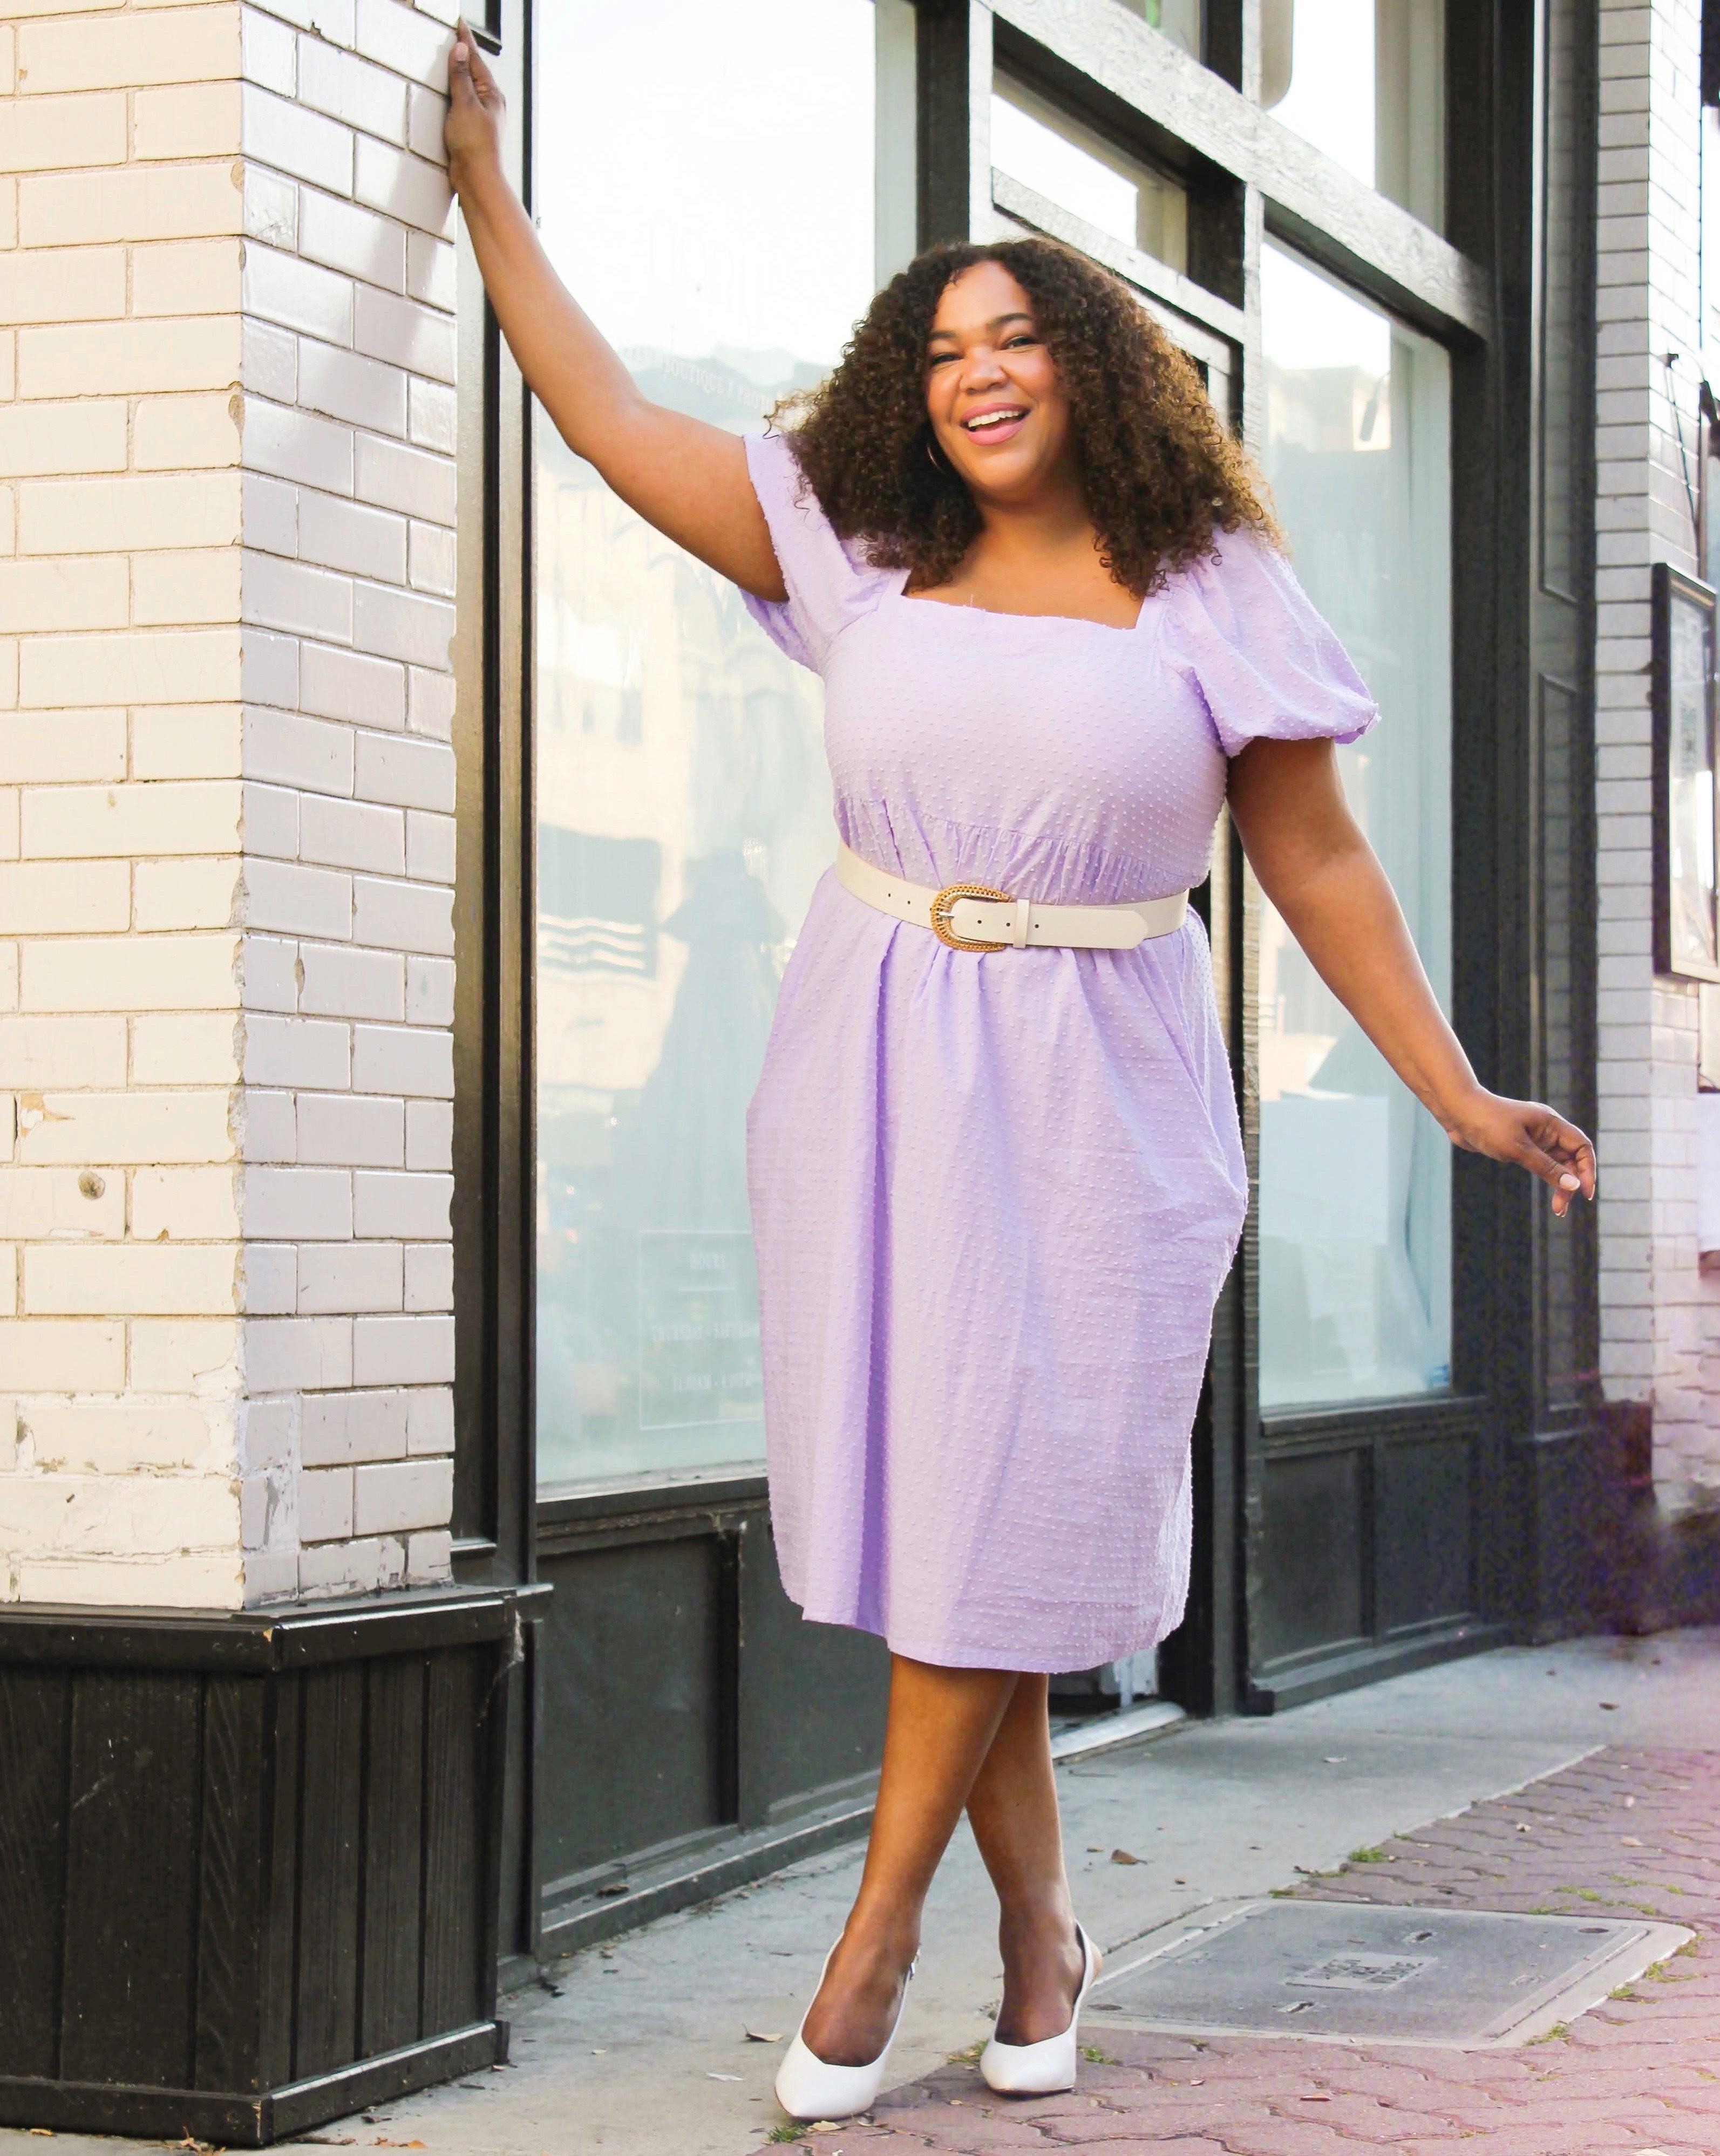 Black woman in a purple dress